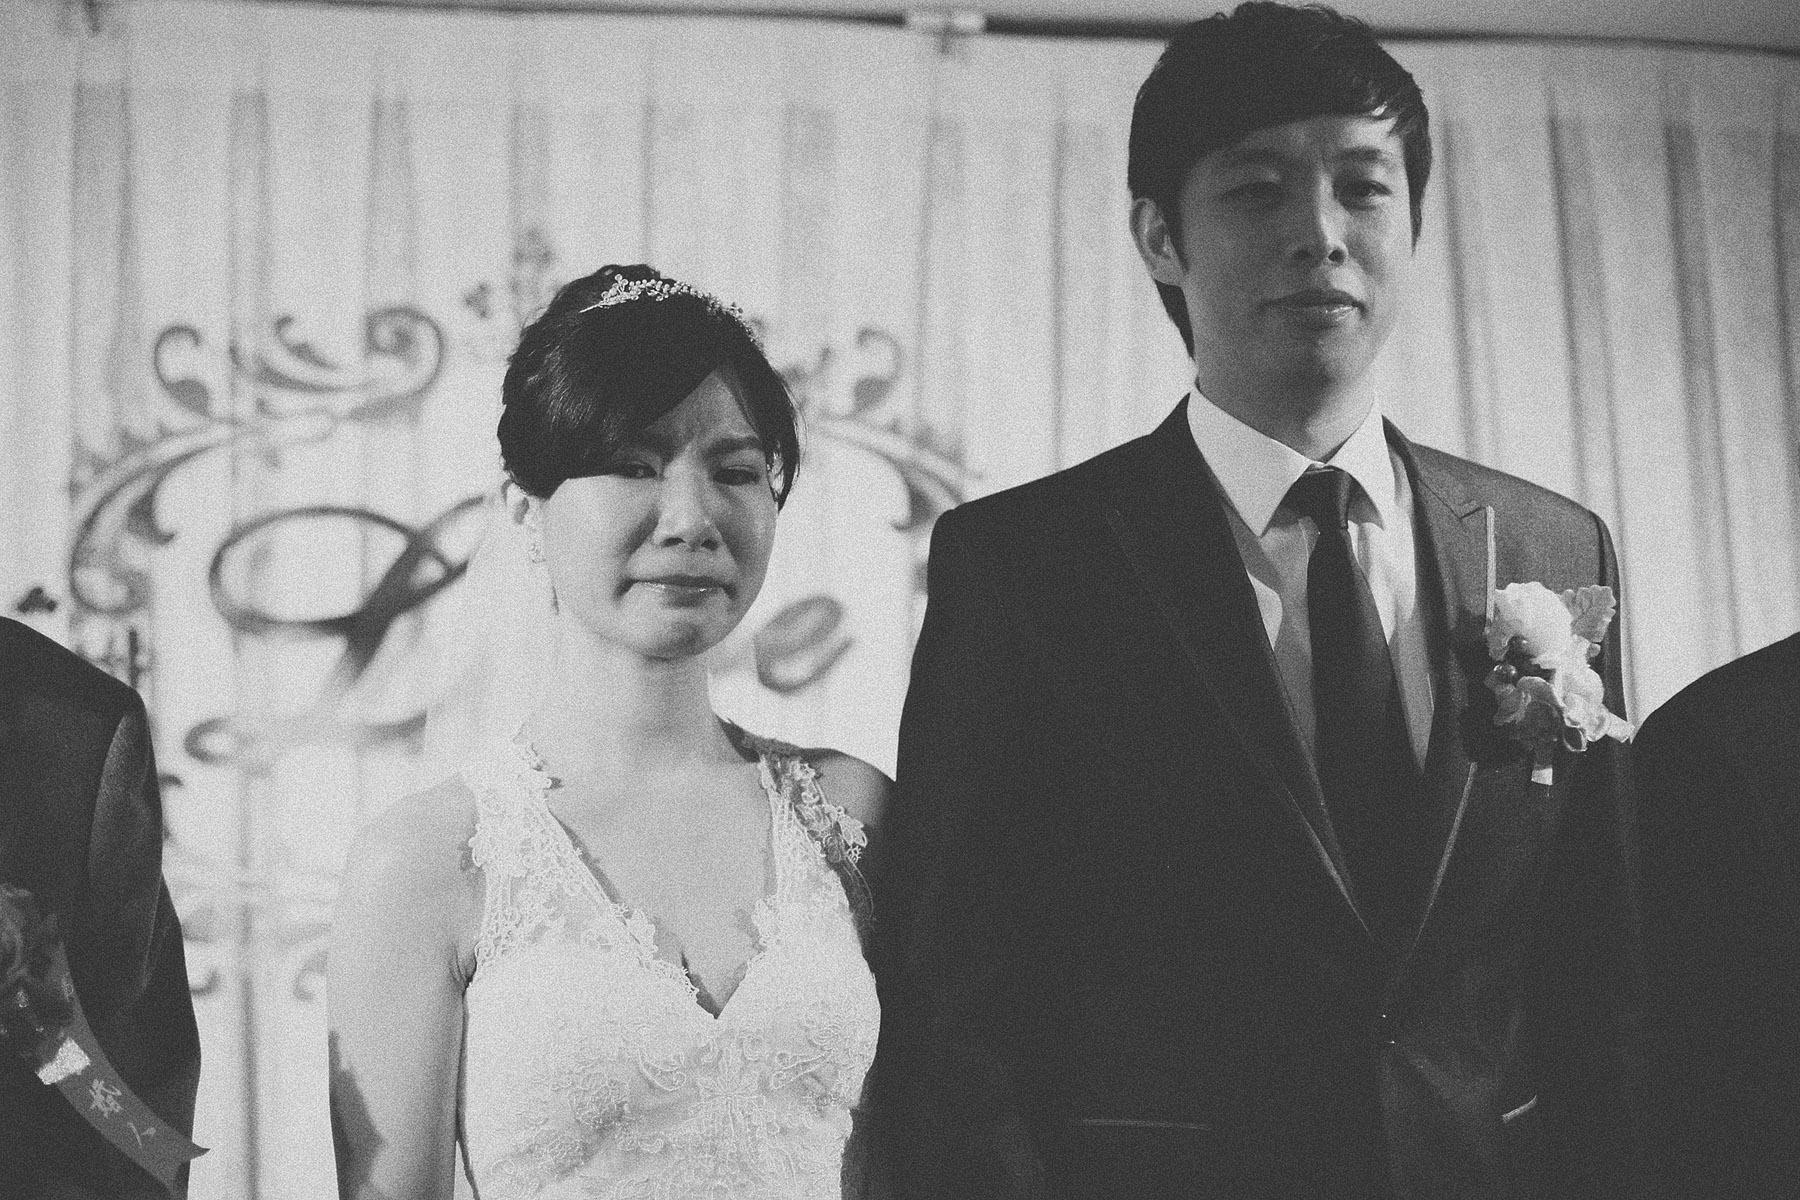 婚禮攝影,婚攝,婚禮紀錄,推薦,台北,晶英會,自然,底片風格